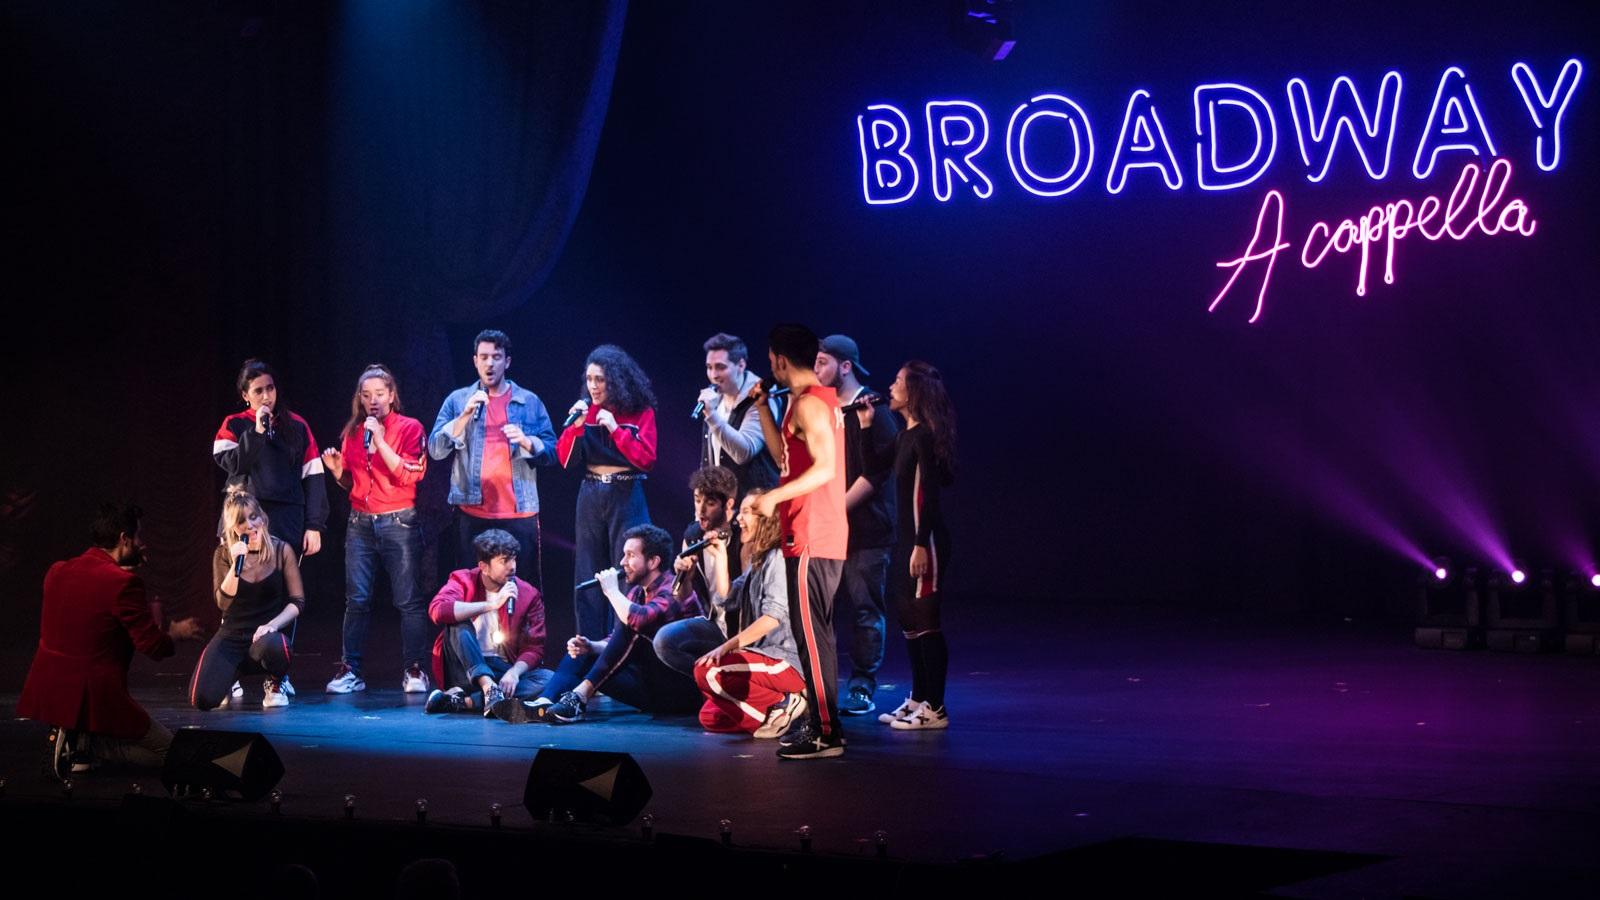 broadway a cappella onyric teatre condal